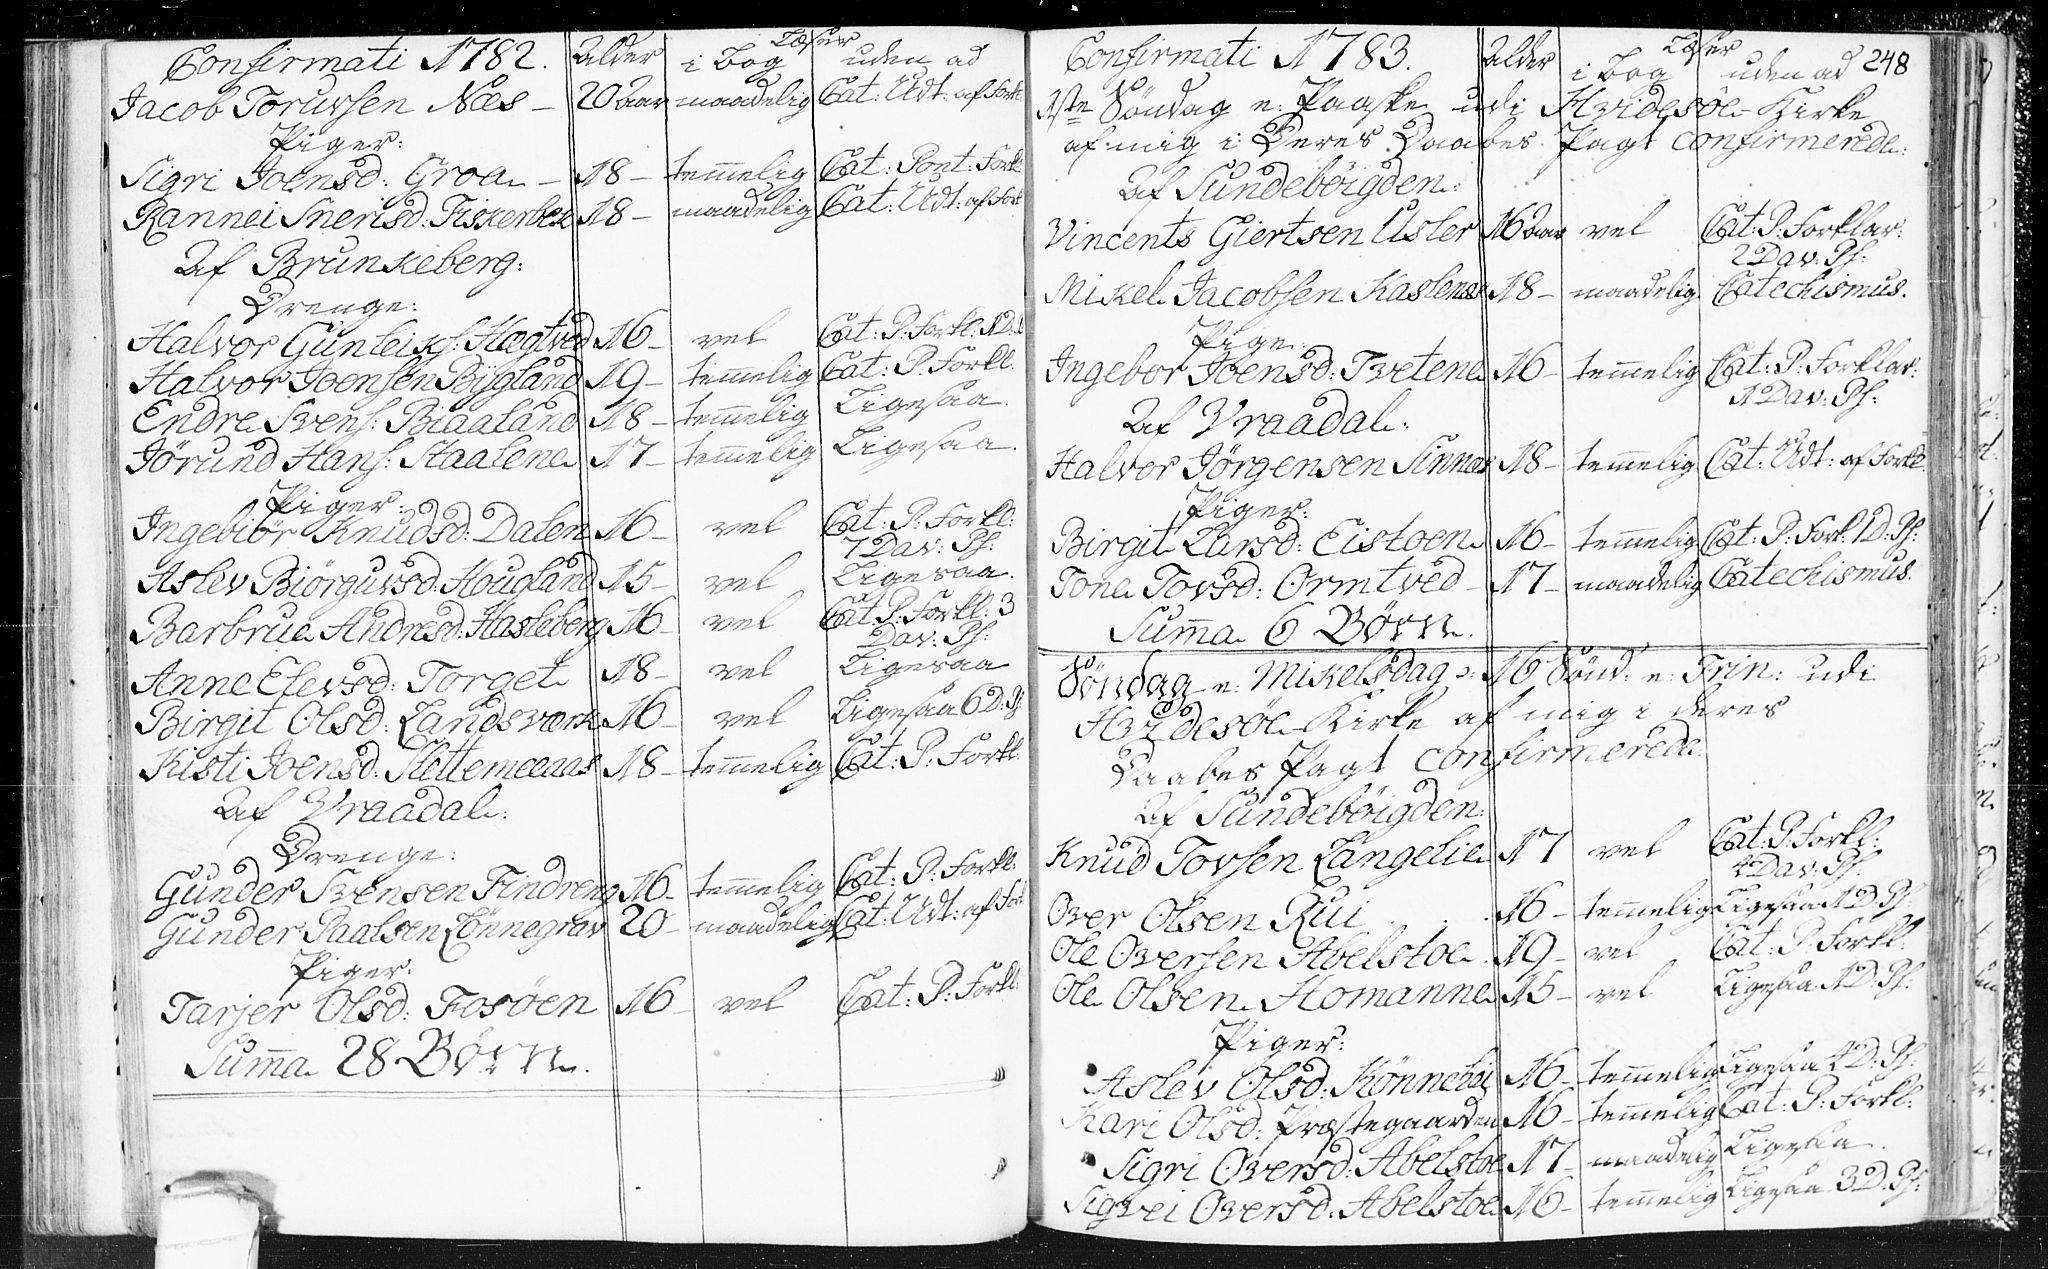 SAKO, Kviteseid kirkebøker, F/Fa/L0002: Ministerialbok nr. I 2, 1773-1786, s. 248